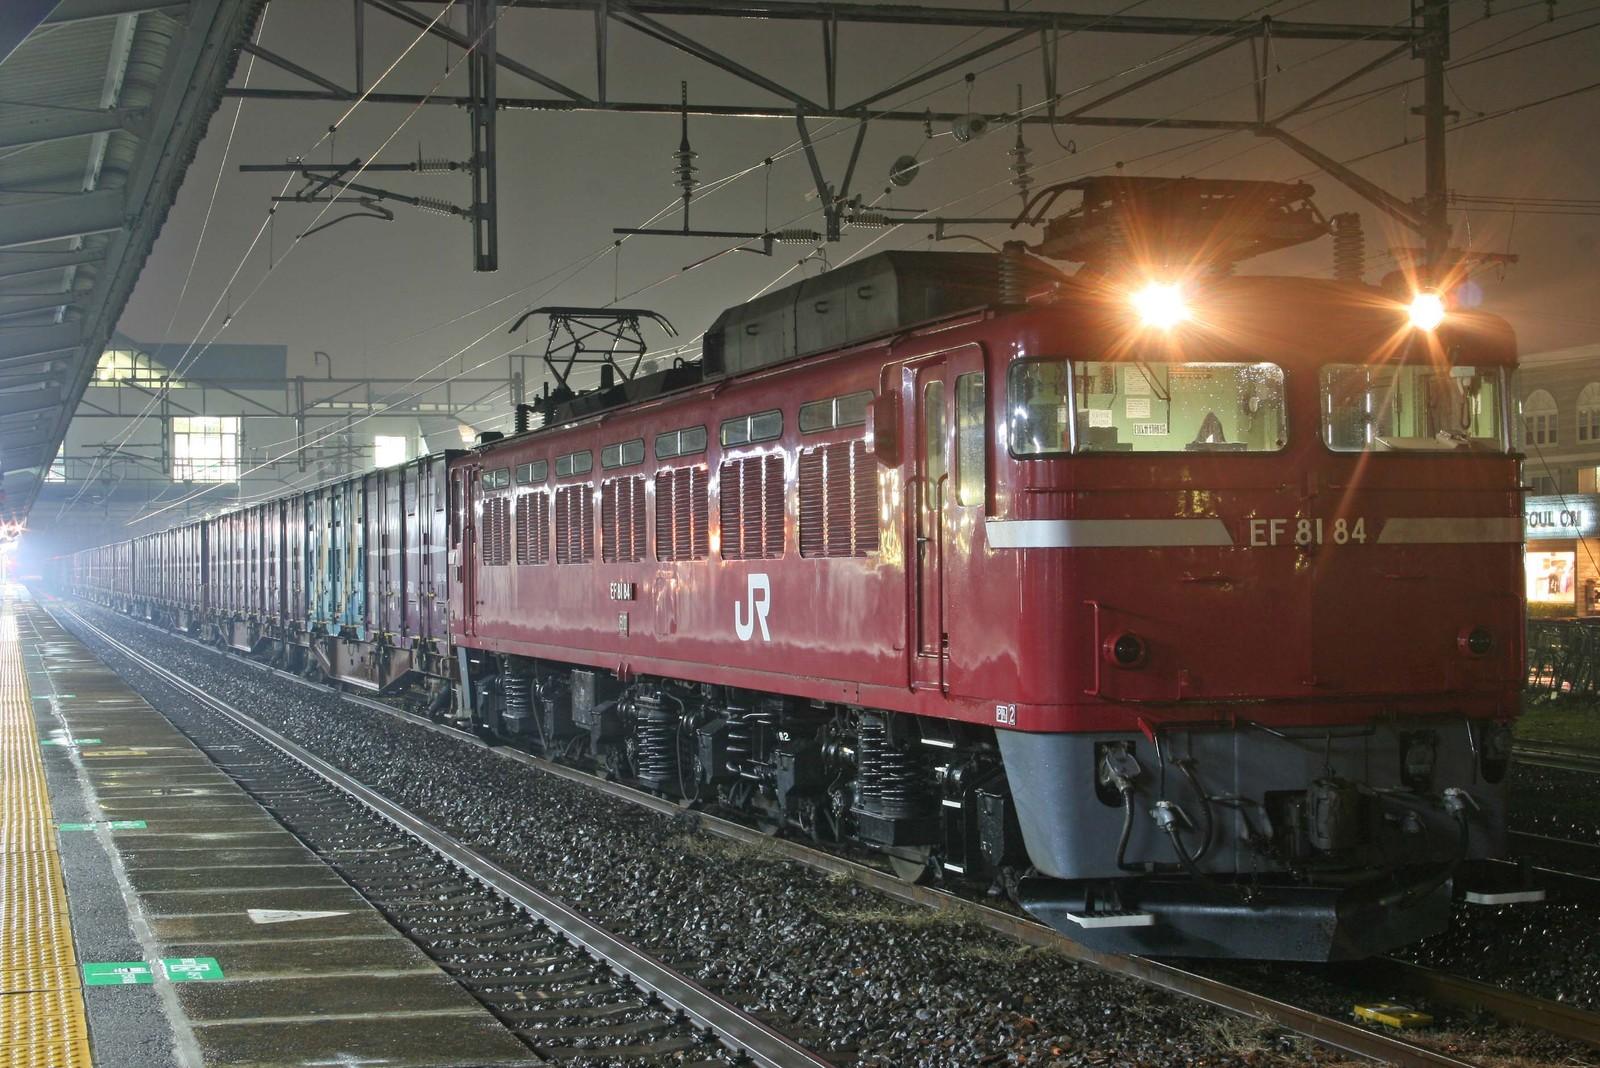 Ef8184a